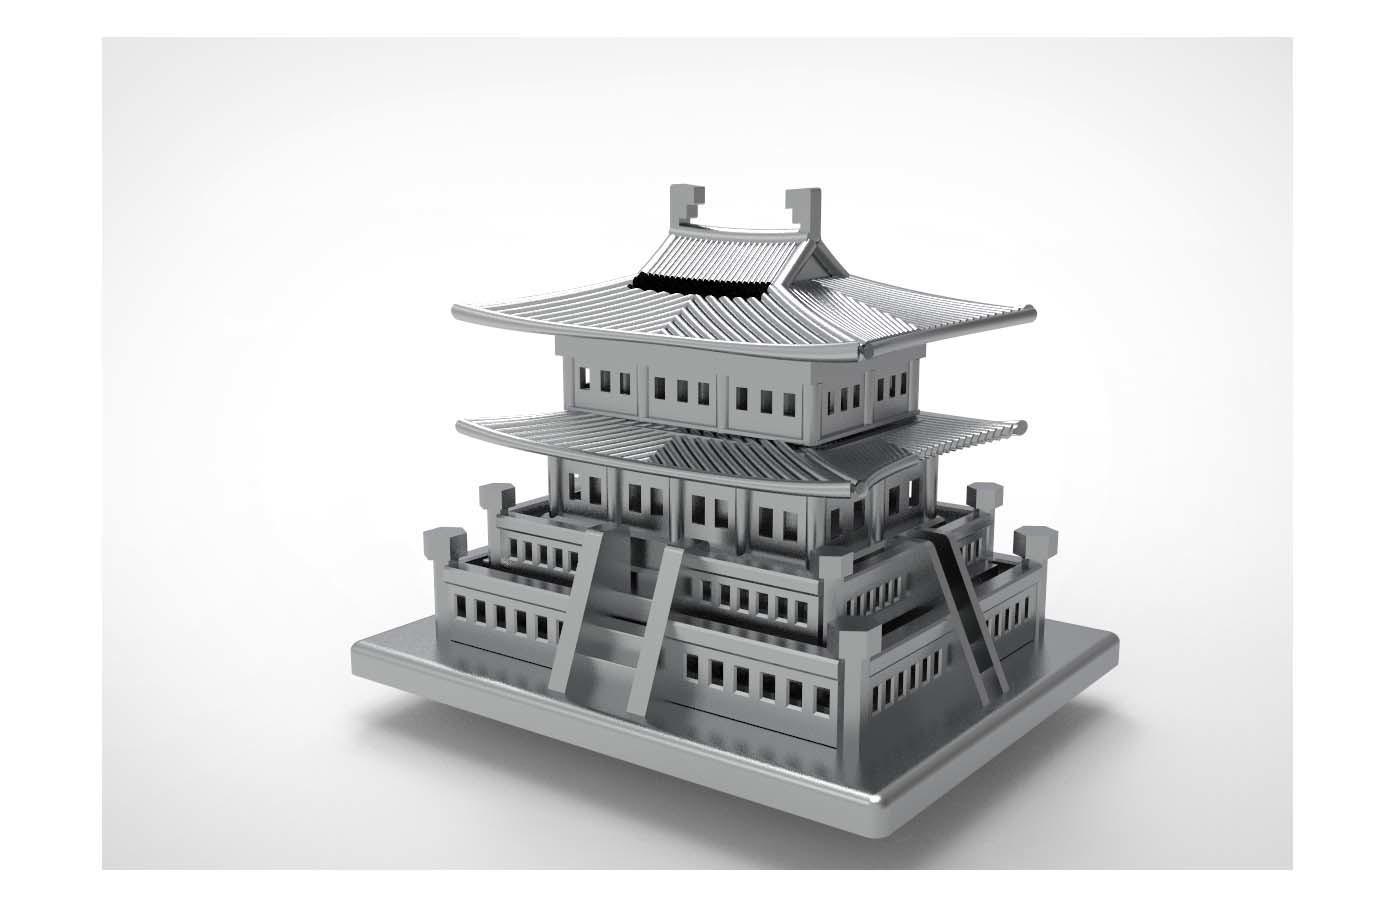 Korean Traditional Architecture Coin Bank ran main.jpg Télécharger fichier STL gratuit Banque Coréenne d'Architecture Traditionnelle de Pièces de monnaie • Design imprimable en 3D, hyojung0320